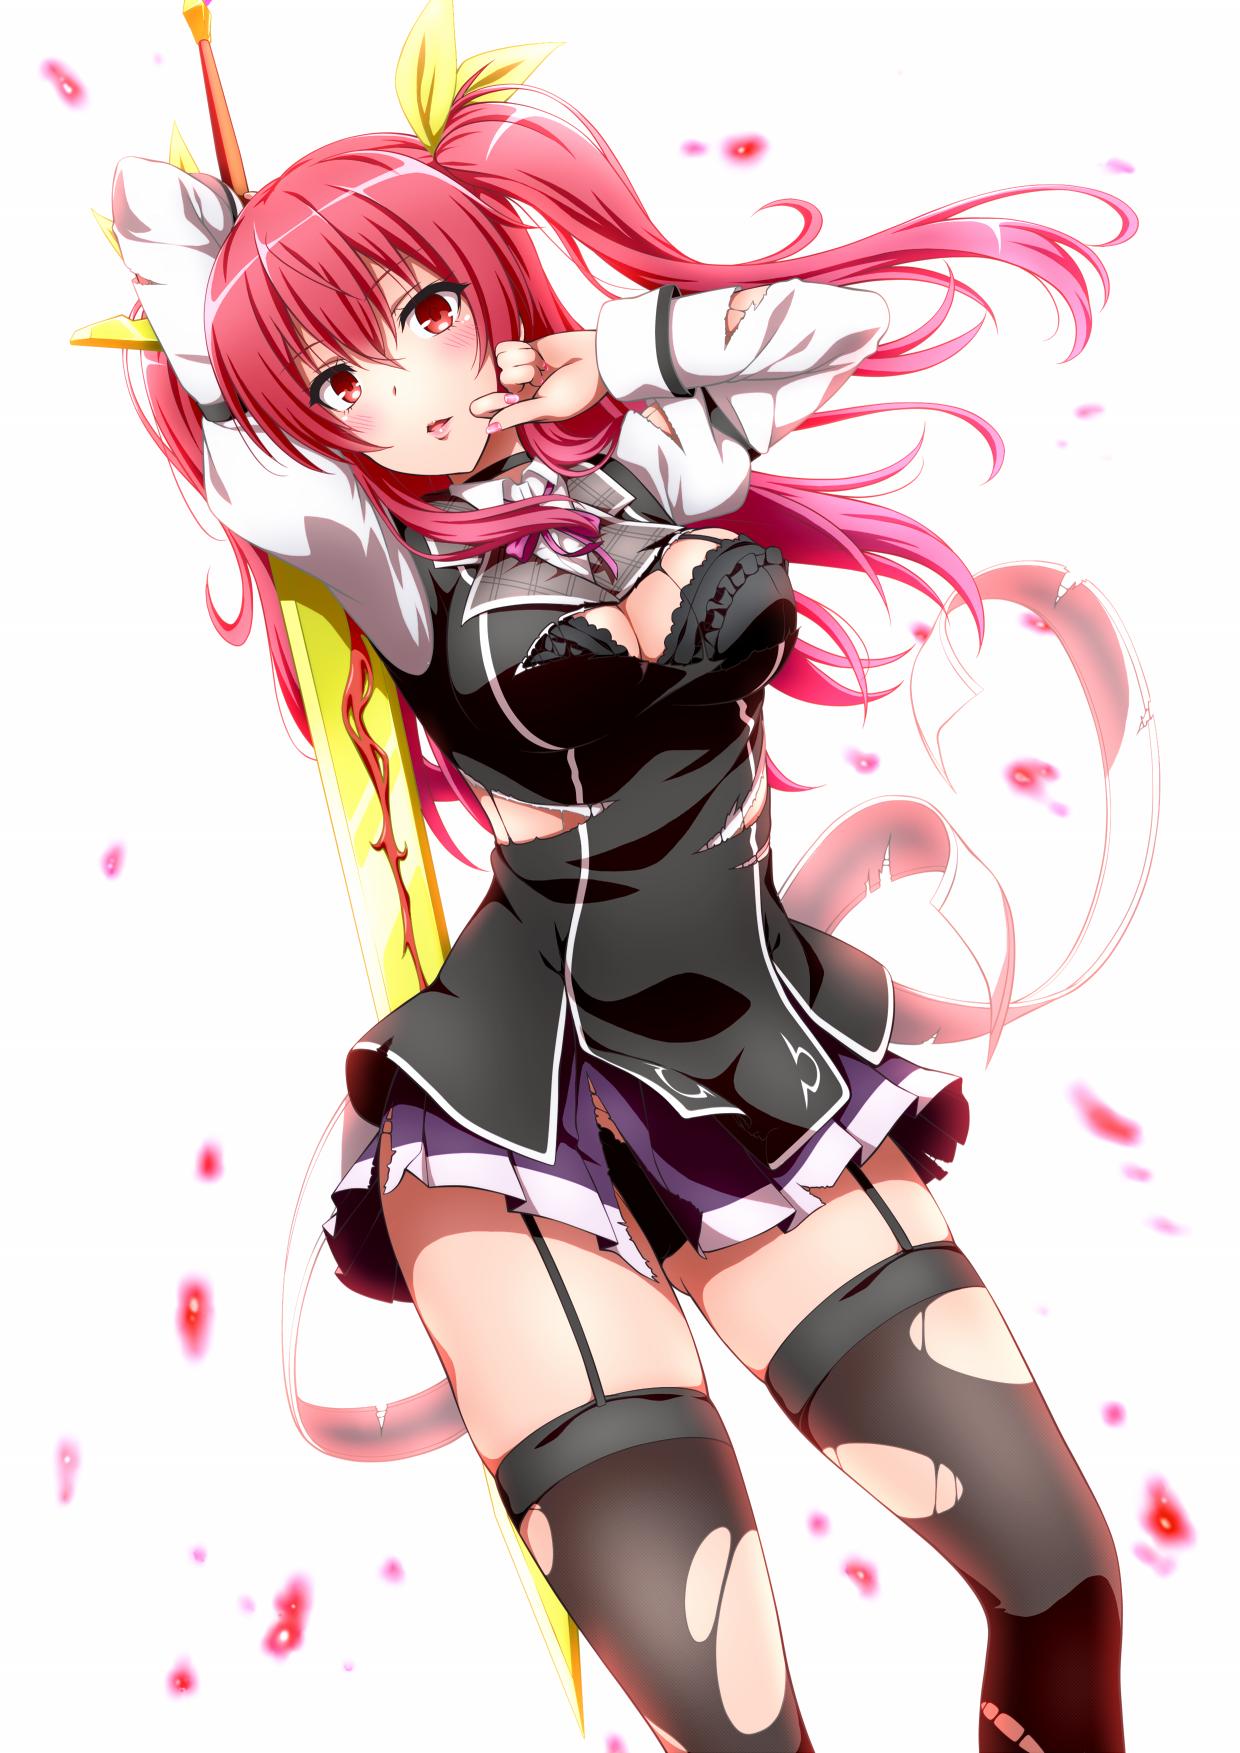 Wallpaper Anime Girls Rakudai Kishi No Cavalry Stella